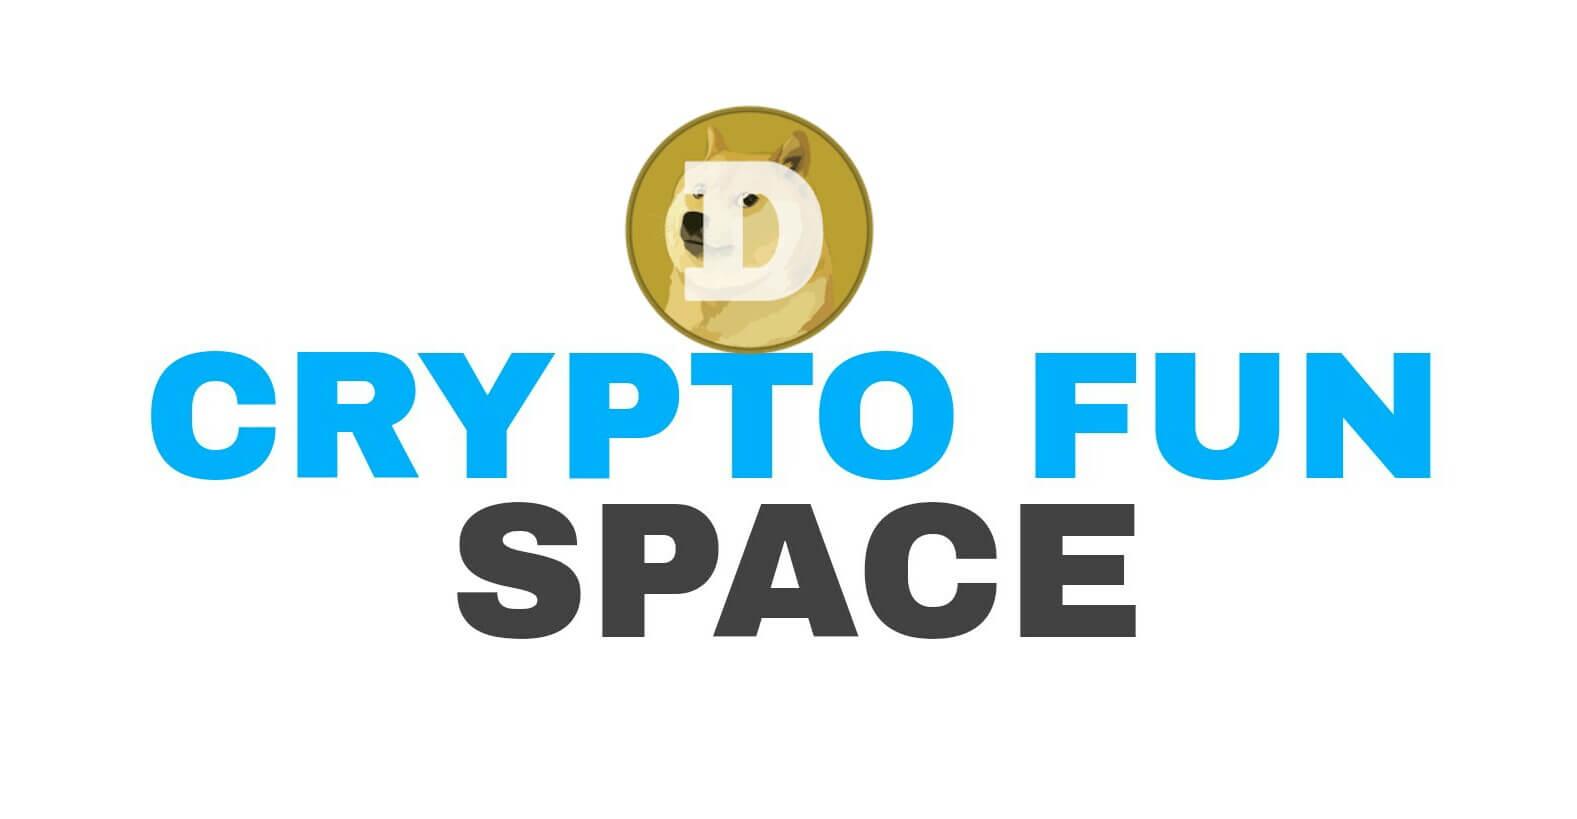 Diartikel ke tiga puluh empat ini, Saya akan memberikan Tutorial Cara bermain disitus Cryptofun.space hingga mendapatkan Dogecoin secara gratis tanpa Deposit.